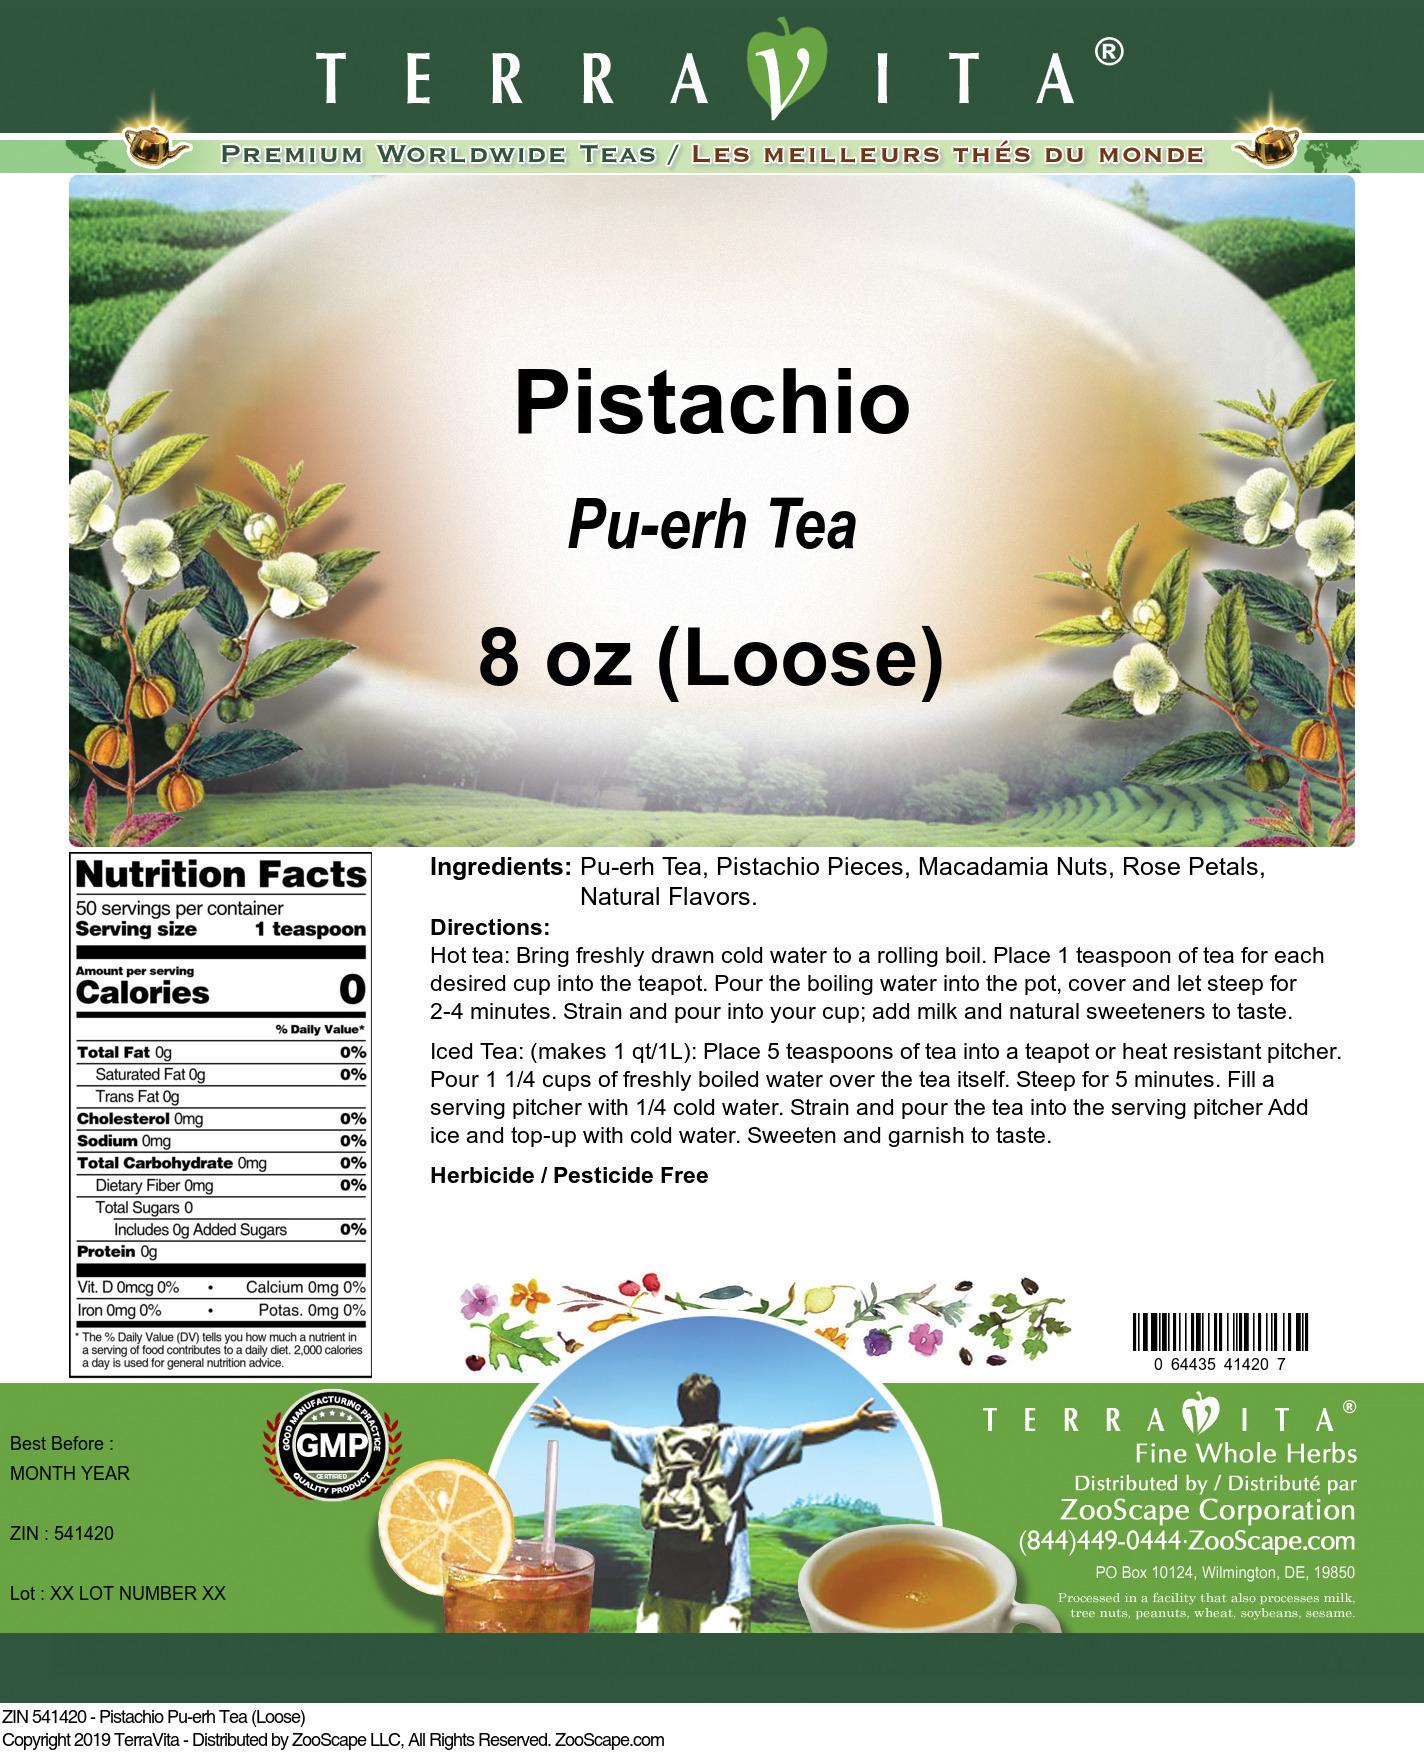 Pistachio Pu-erh Tea